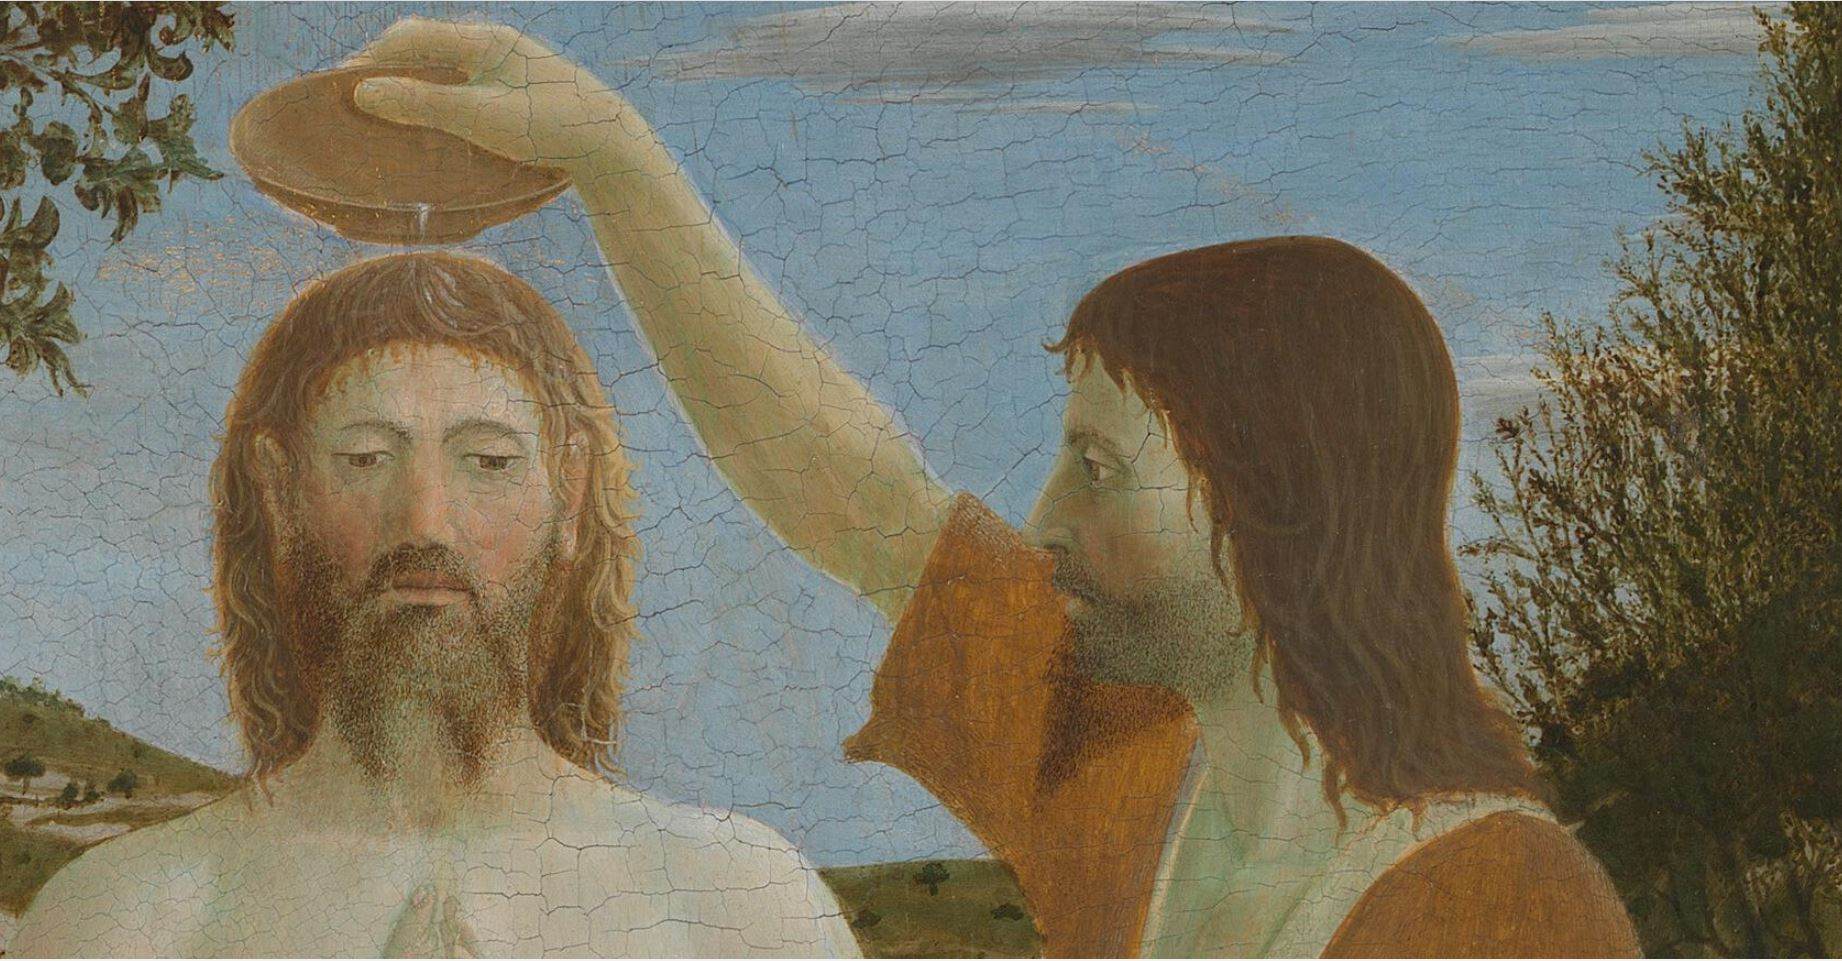 Давняя тема - купальщики в искусстве Piero_della_Francesca_-_Battesimo_di_Cristo_(National_Gallery,_London).jpg